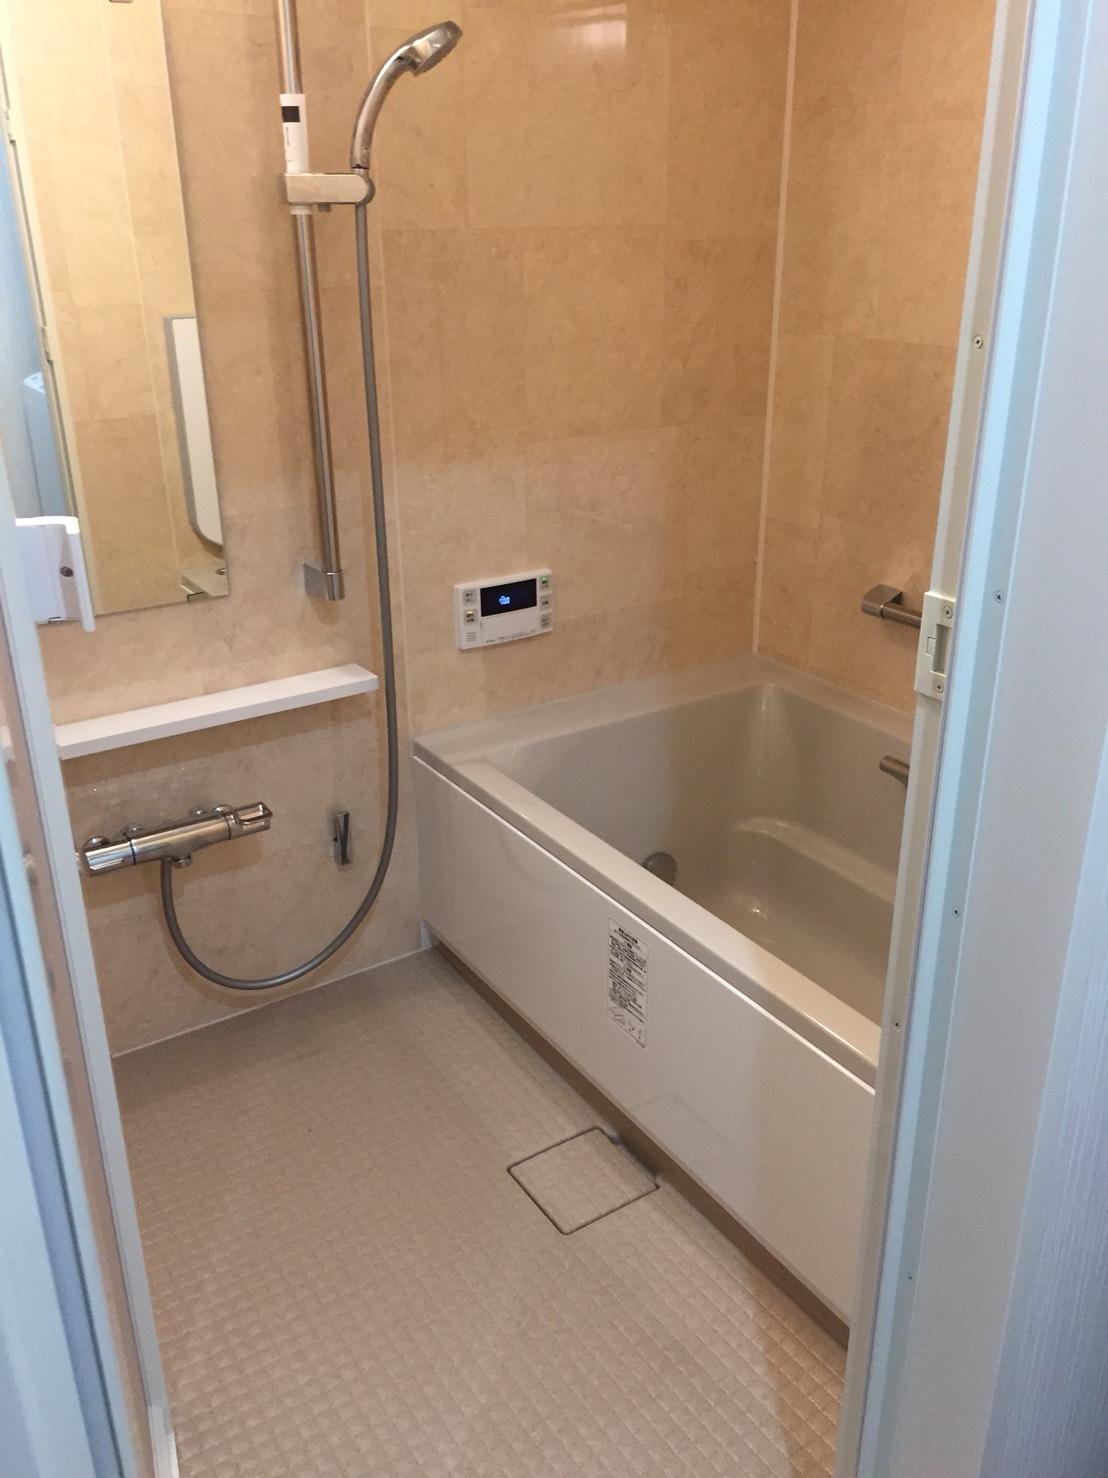 マンション 浴室・洗面取替工事